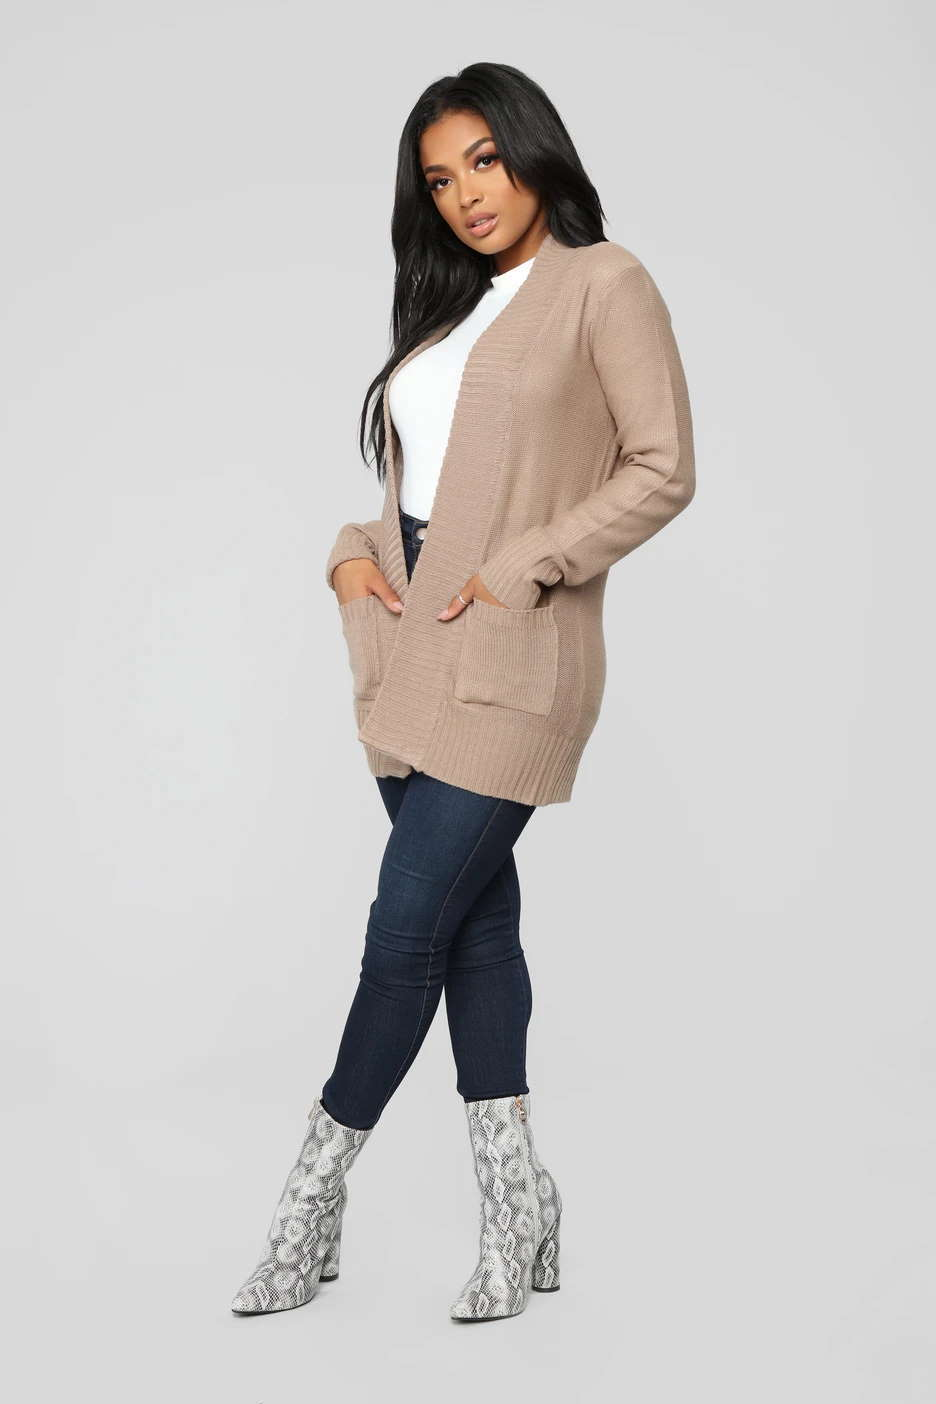 Fashion Nova review - websites like shein